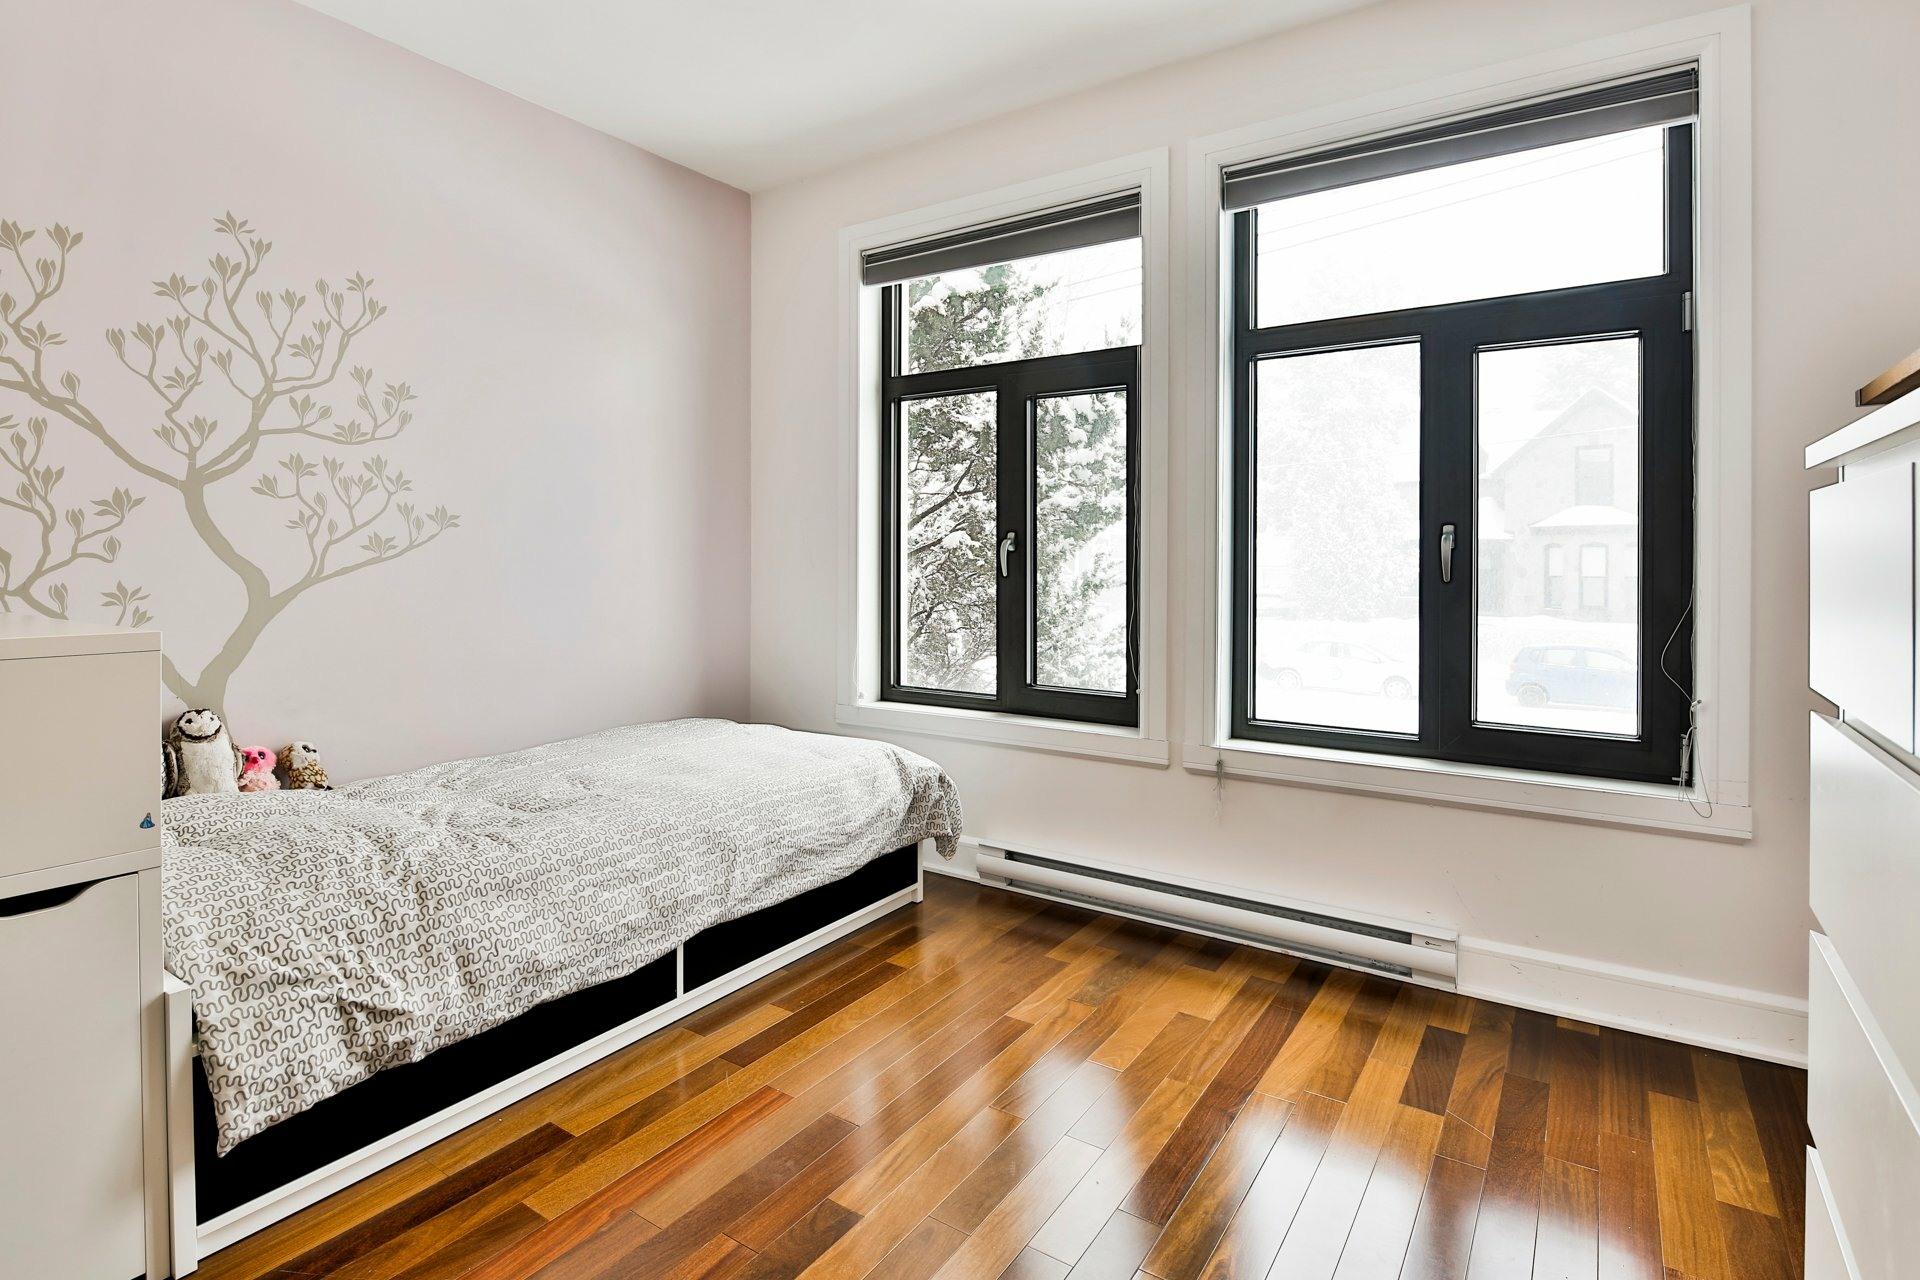 image 8 - Appartement À vendre Montréal Ahuntsic-Cartierville  - 11 pièces